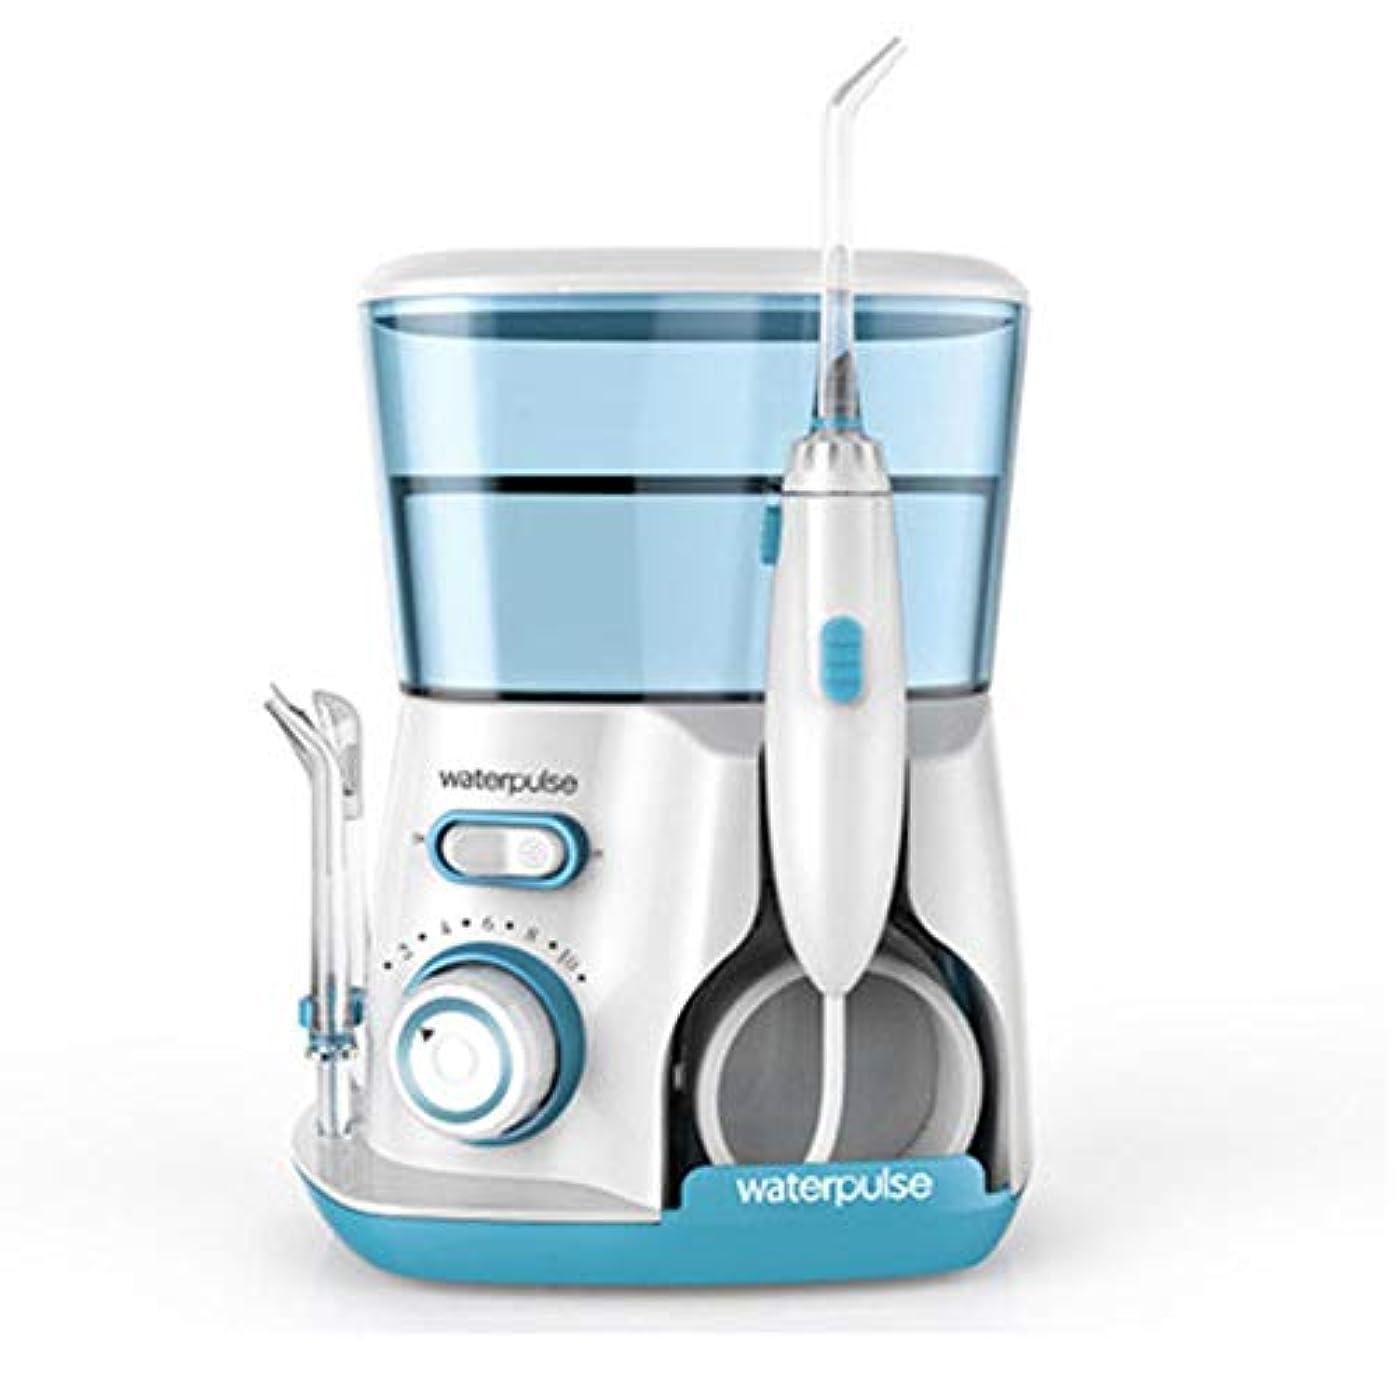 豊かにするコミットメントサラダ水の容量800mlの5つの多機能ヒントのカウンタートップ歯科口腔洗浄器でリークプルーフ電気静かな設計ホーム&トラベル (色 : Green)